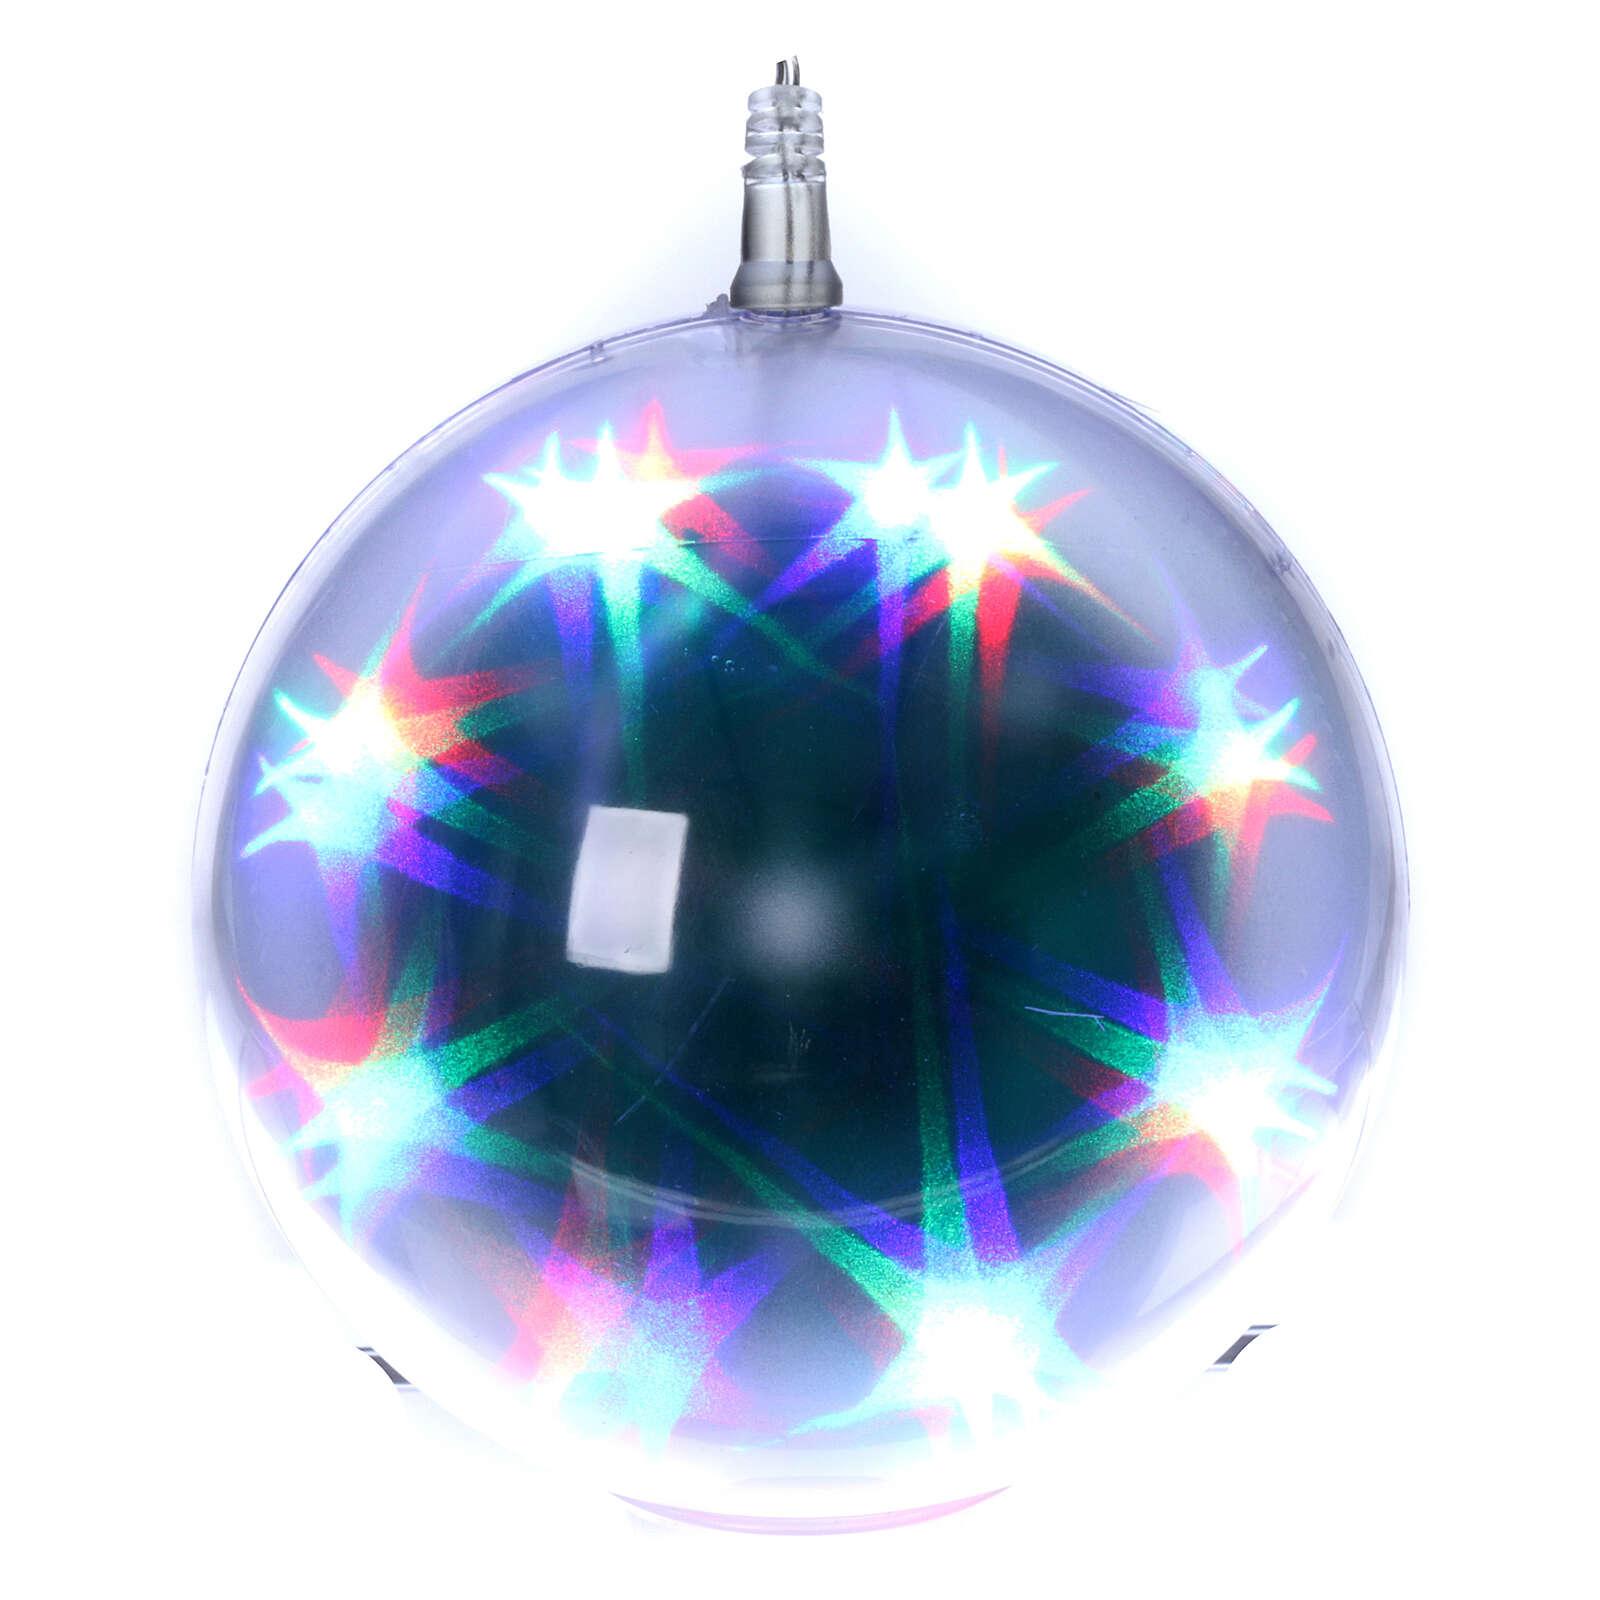 Luce natalizia sfera 48 led diam. 15 cm multicolor 3